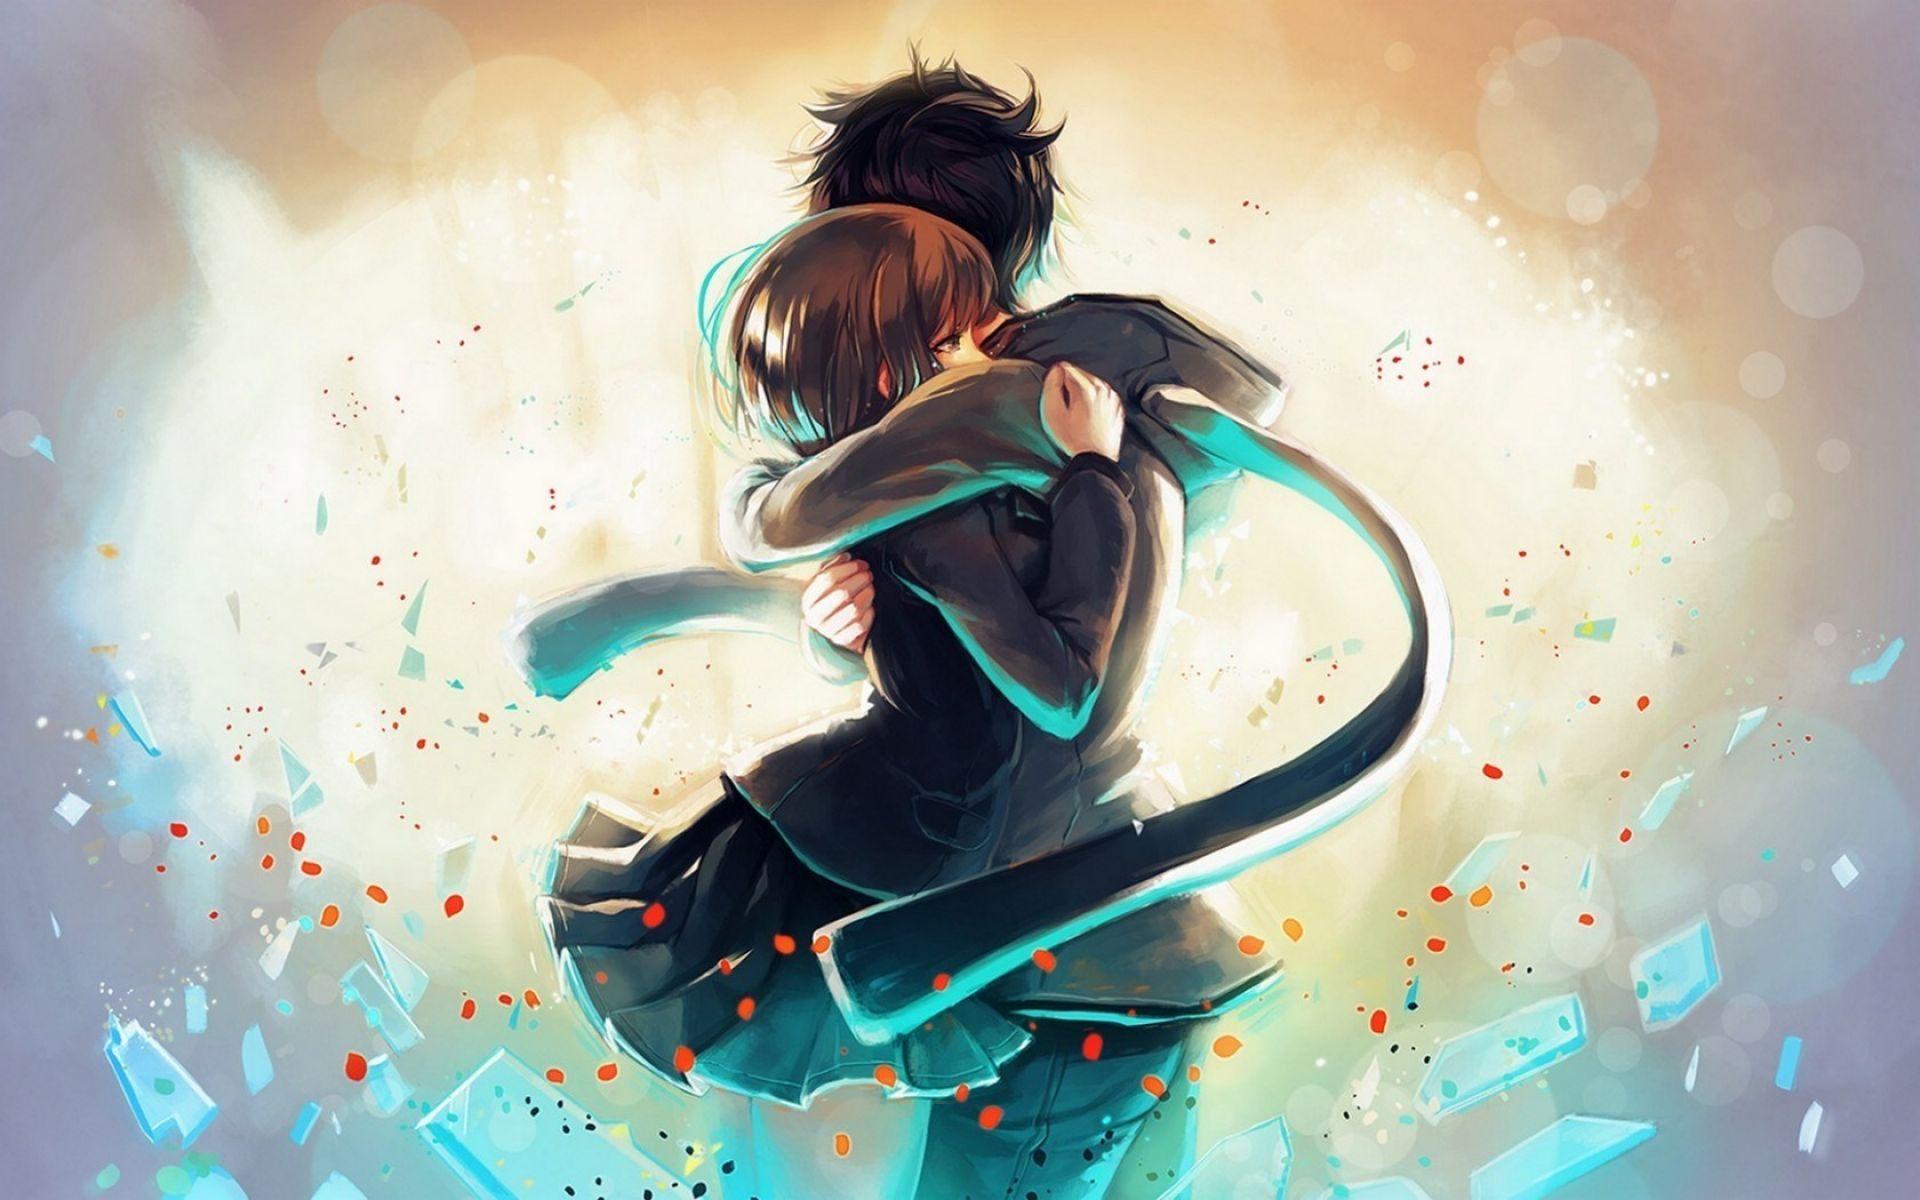 Hug Anime Couple Hd Wallpaper Mthemes